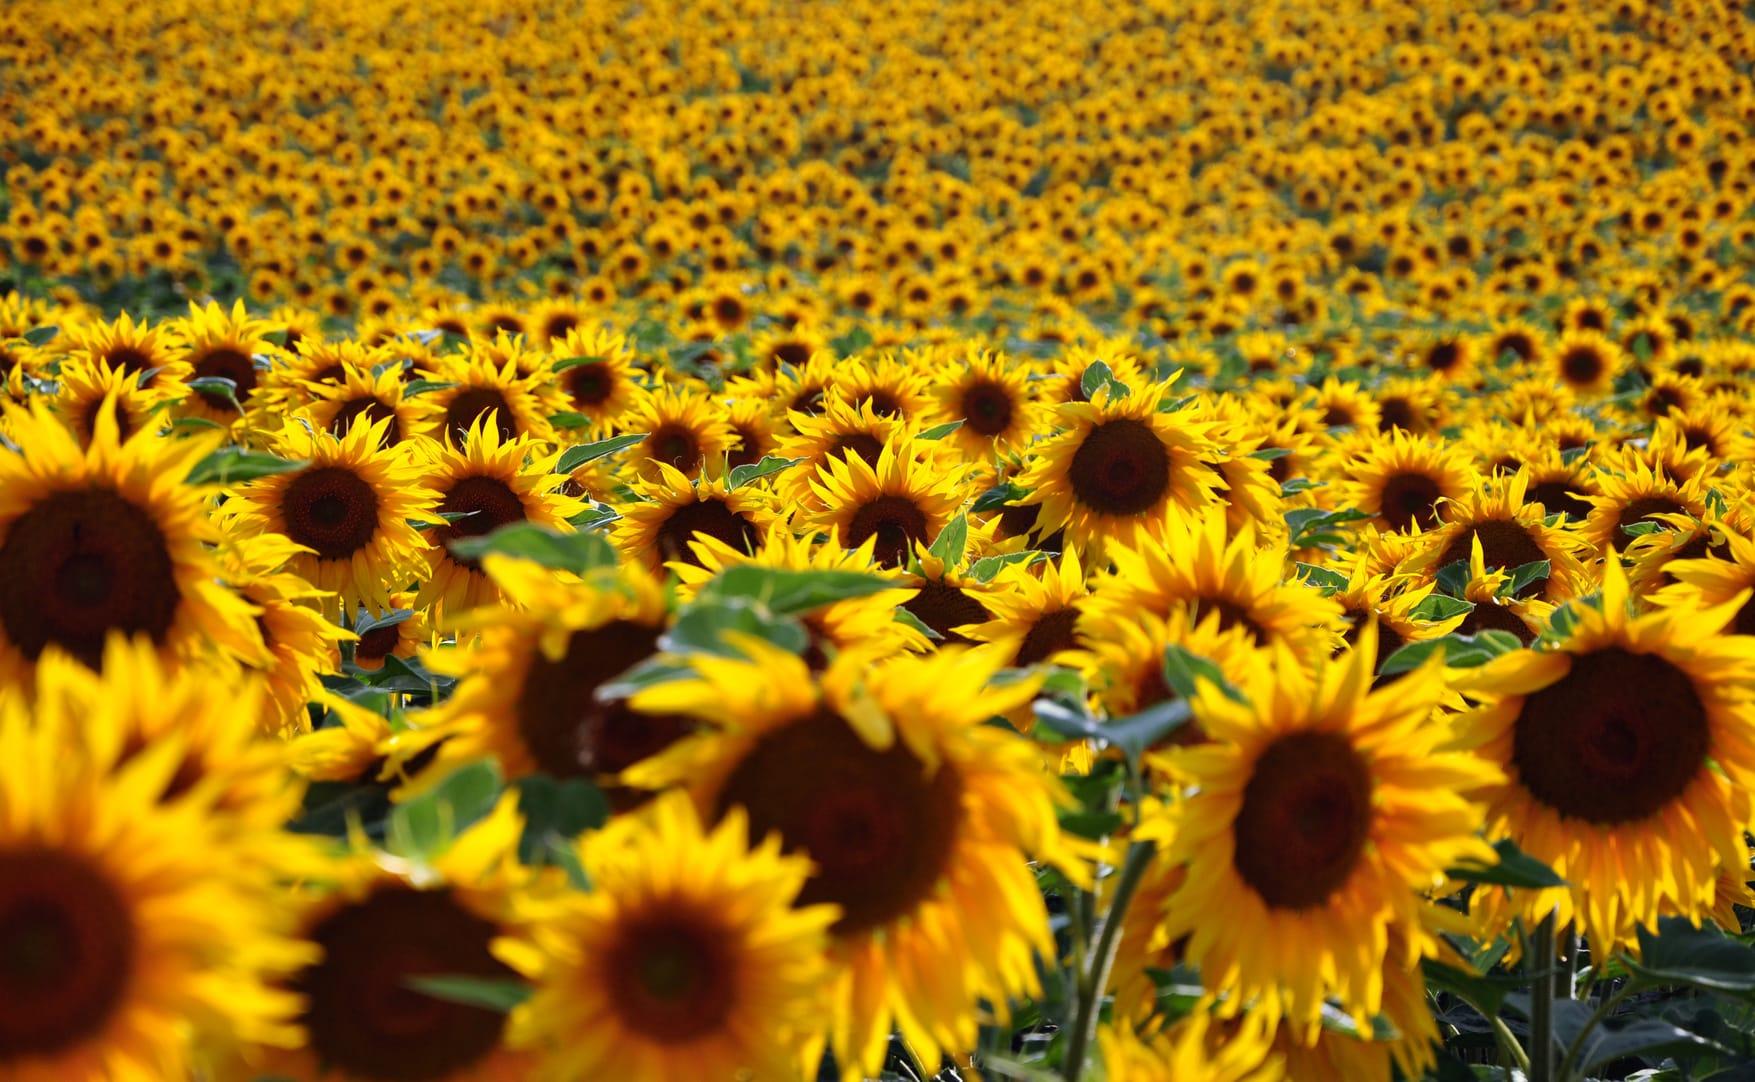 Sonnenblumen & Pflanzen kaufen - Siegen, Wissen, Olpe - Kirchener ...